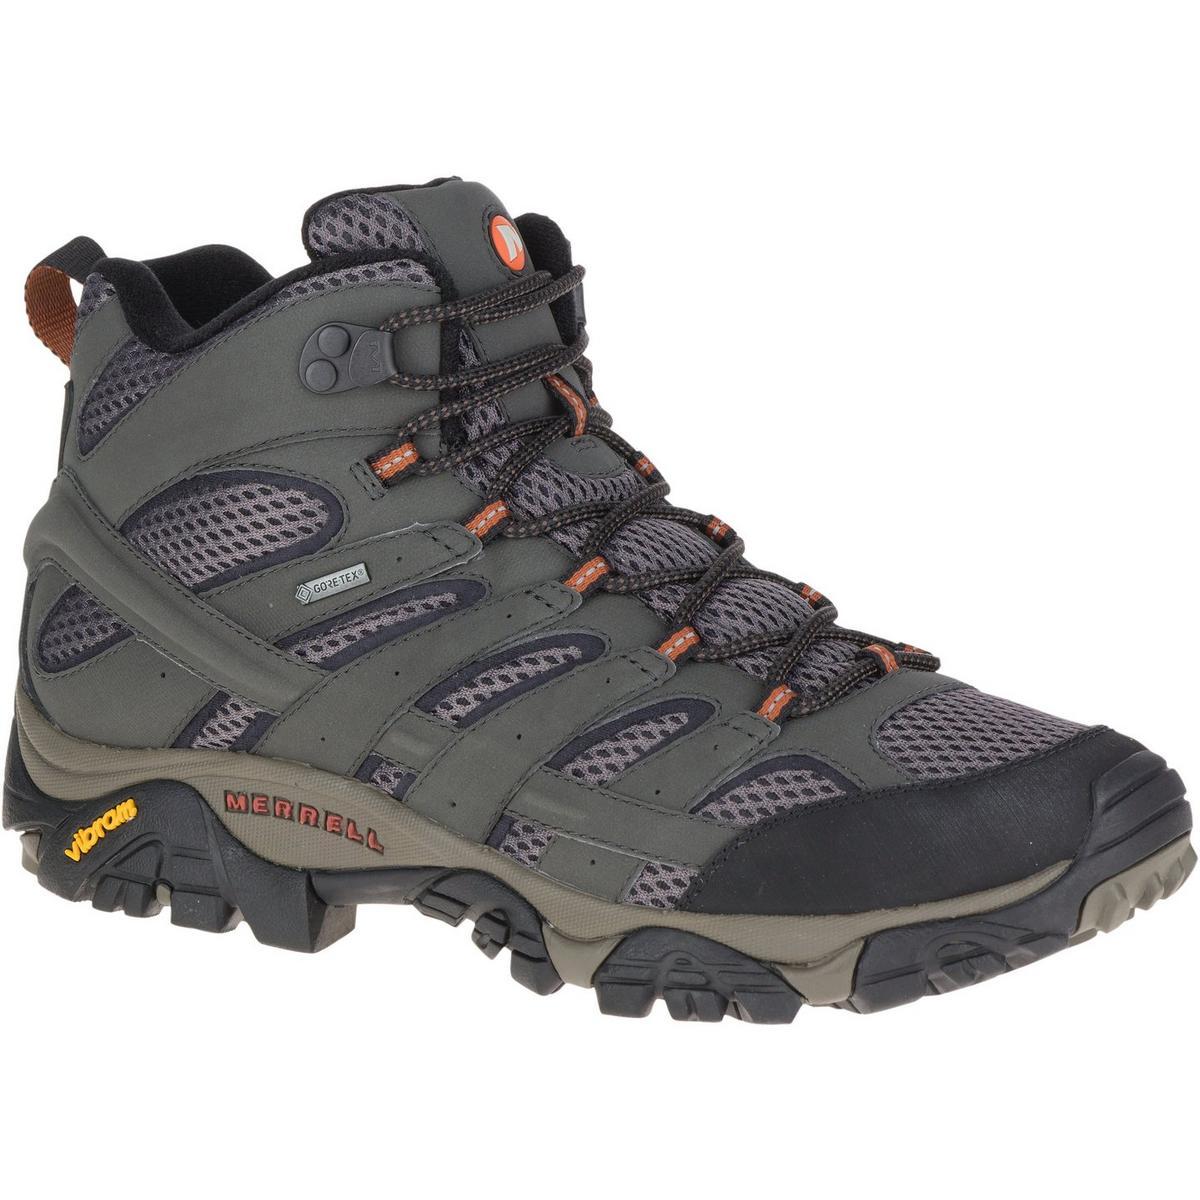 Merrell Men's Moab 2 Mid GORE-TEX Boot